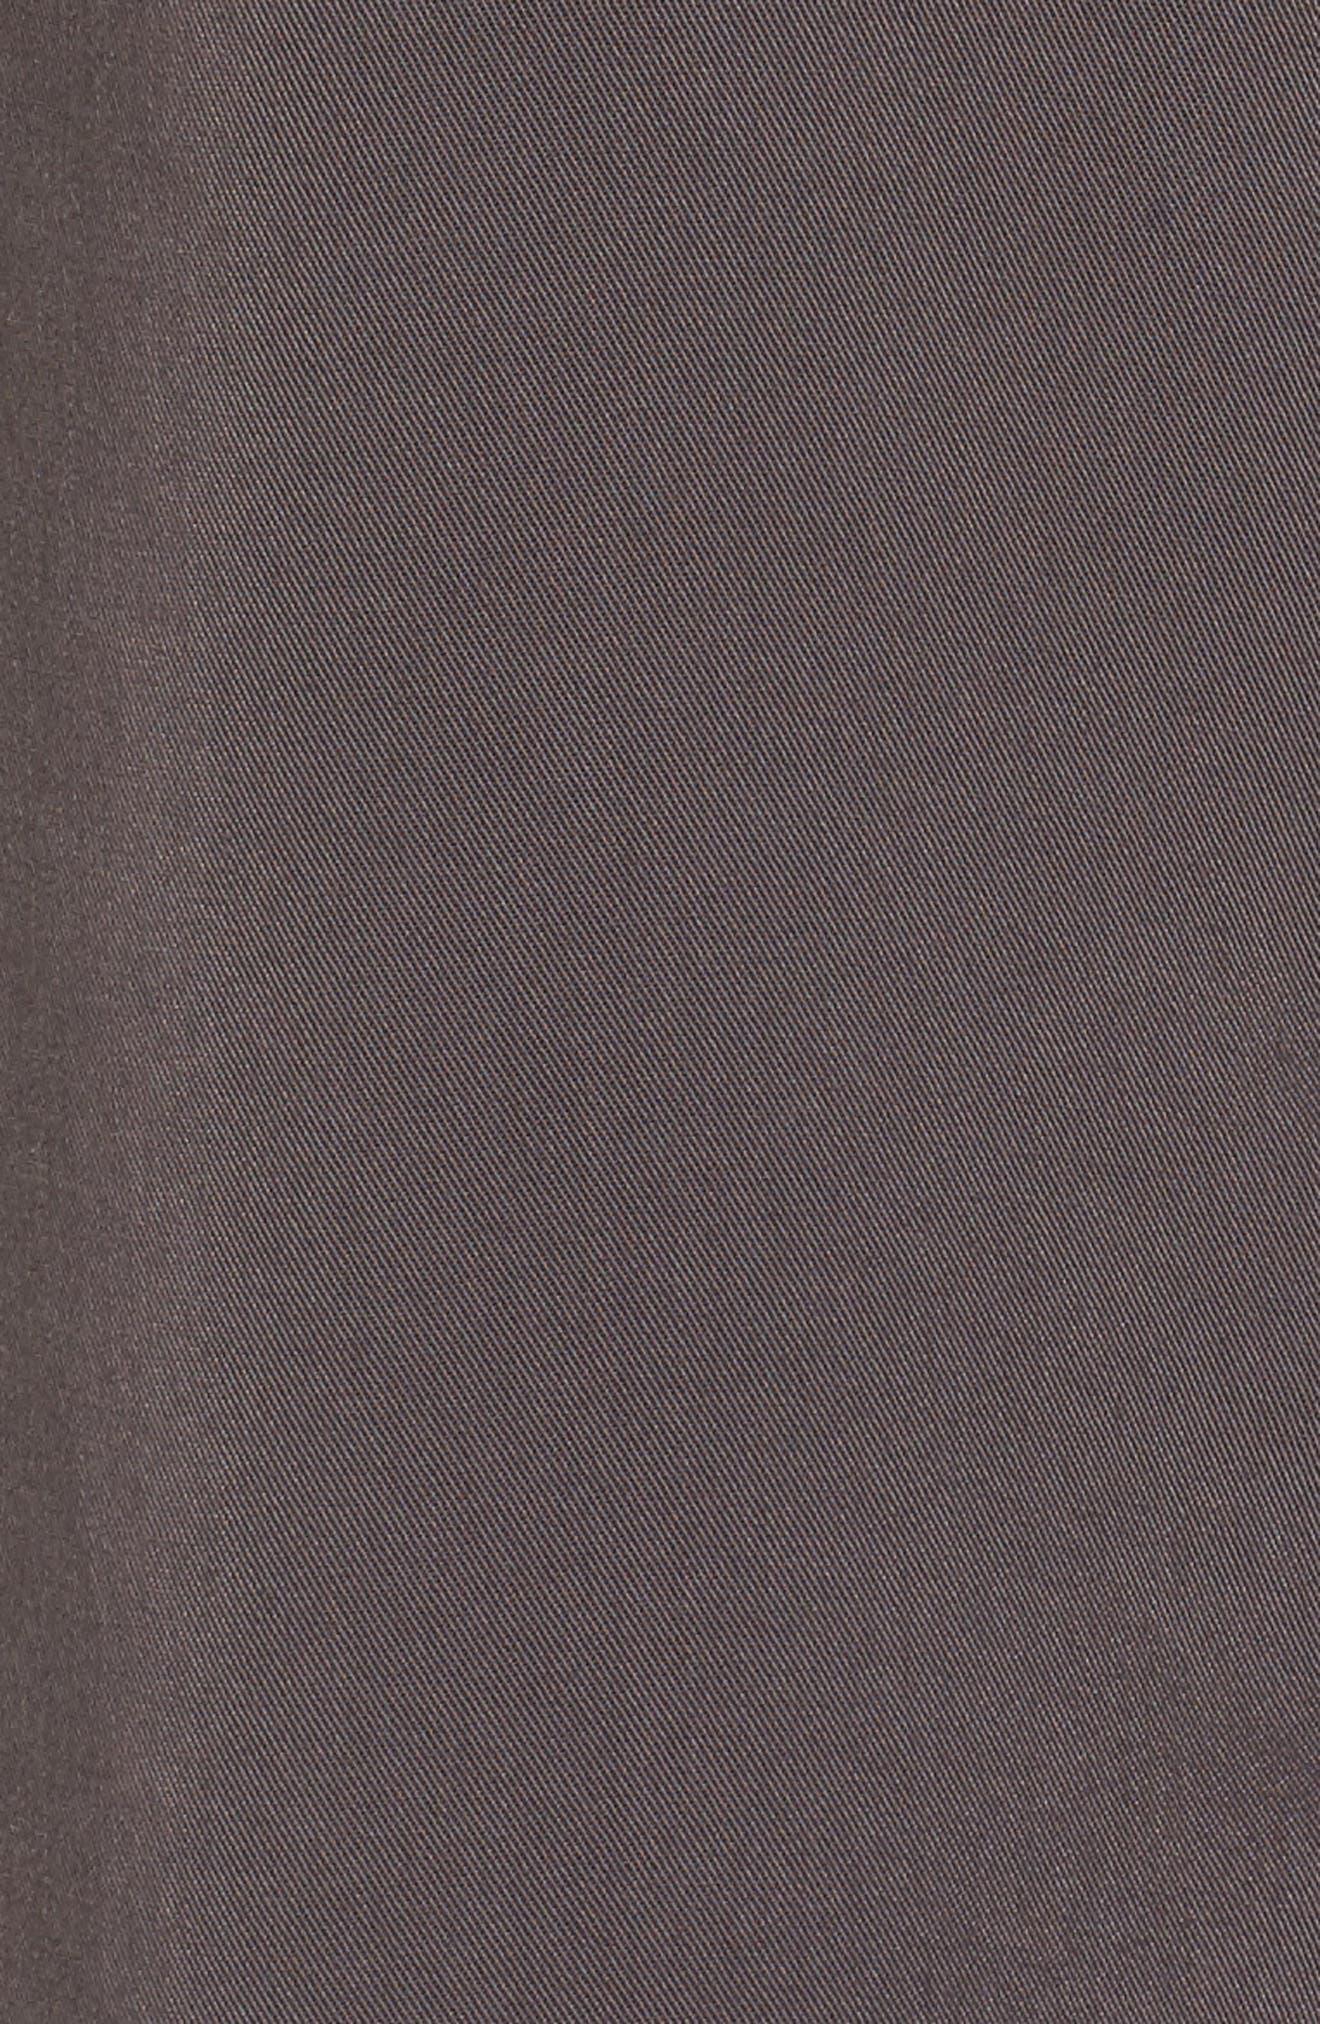 Ella Drape Trench Coat,                             Alternate thumbnail 6, color,                             020